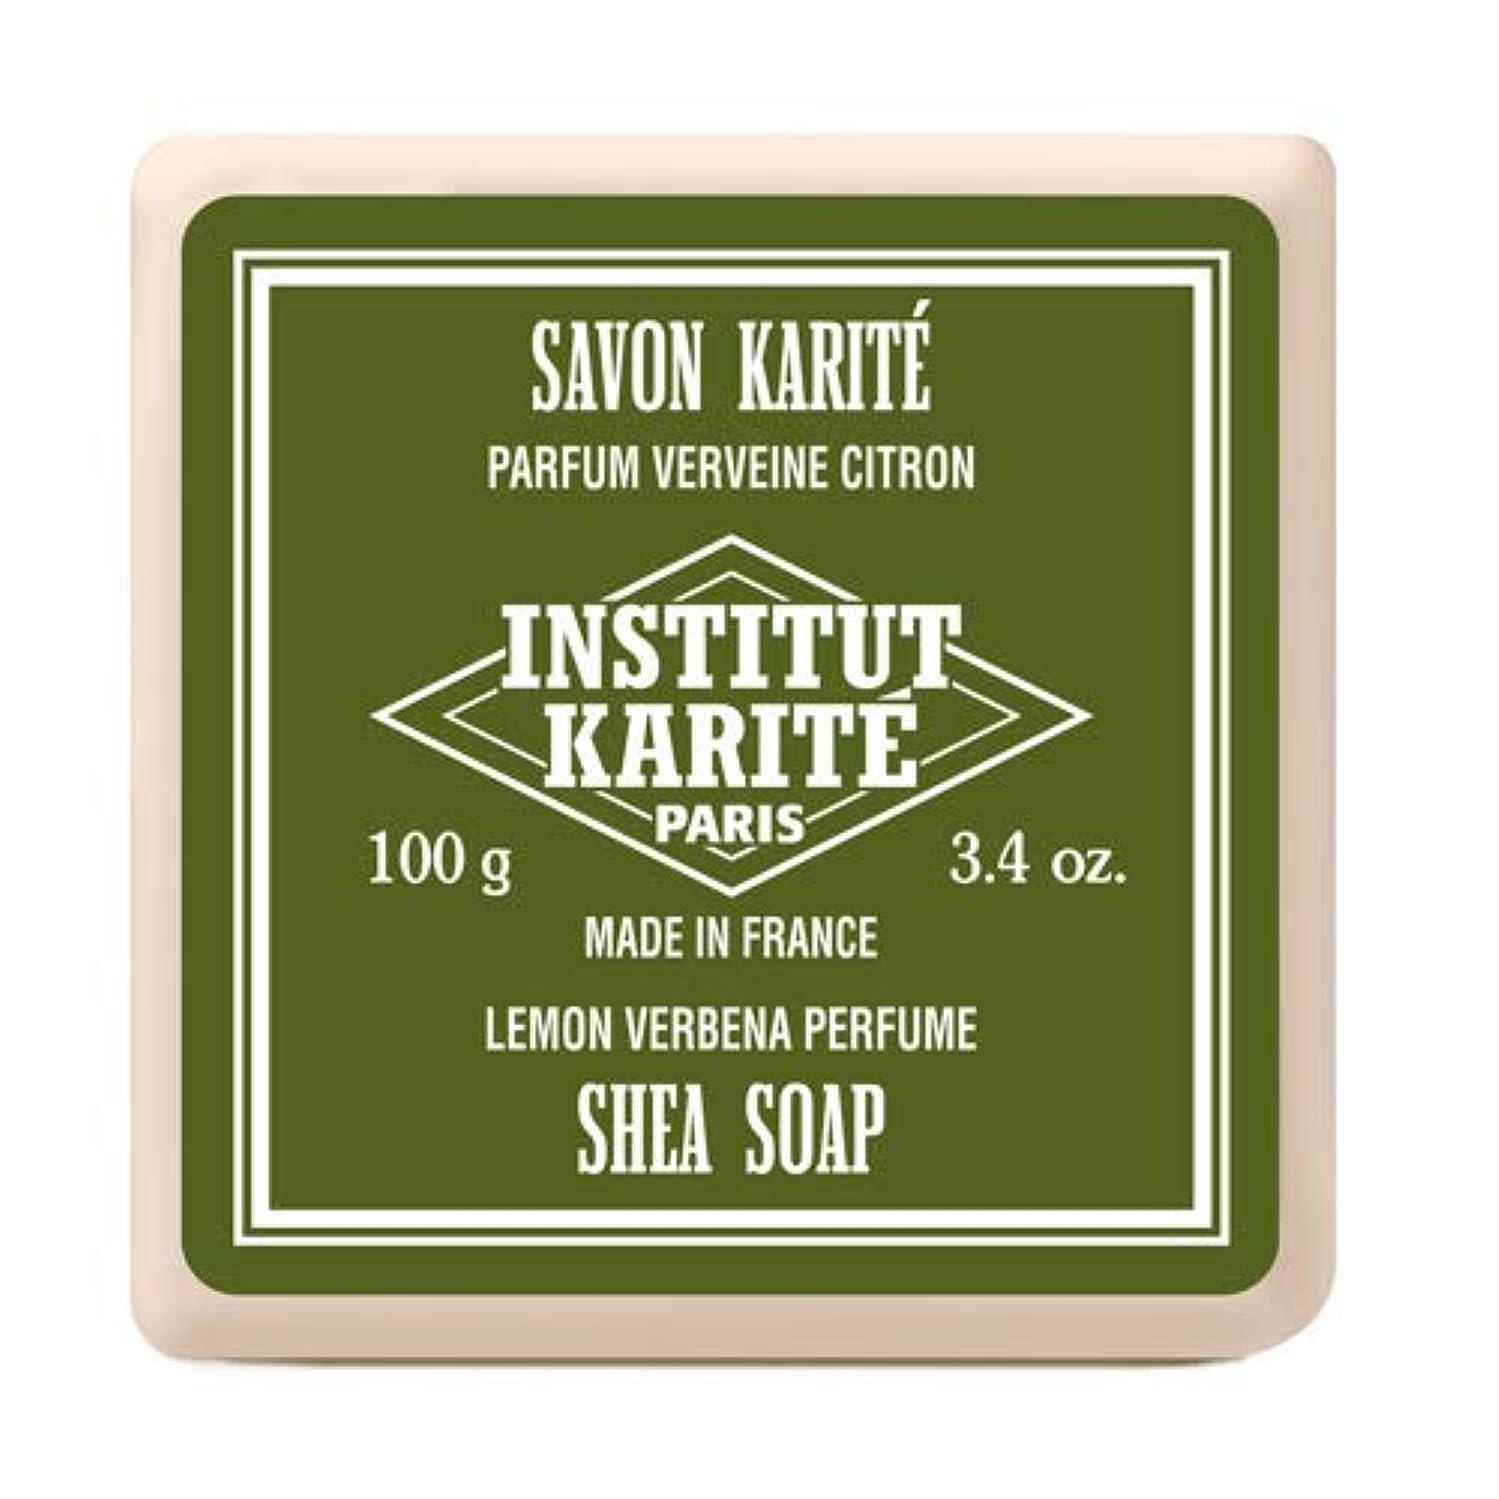 発明ランプ見込みインスティテュート?カリテ(INSTITUT KARITE) INSTITUT KARITE インスティテュート カリテ Shea Wrapped Soap シアソープ 100g Lemon Vervena レモンバーベナ